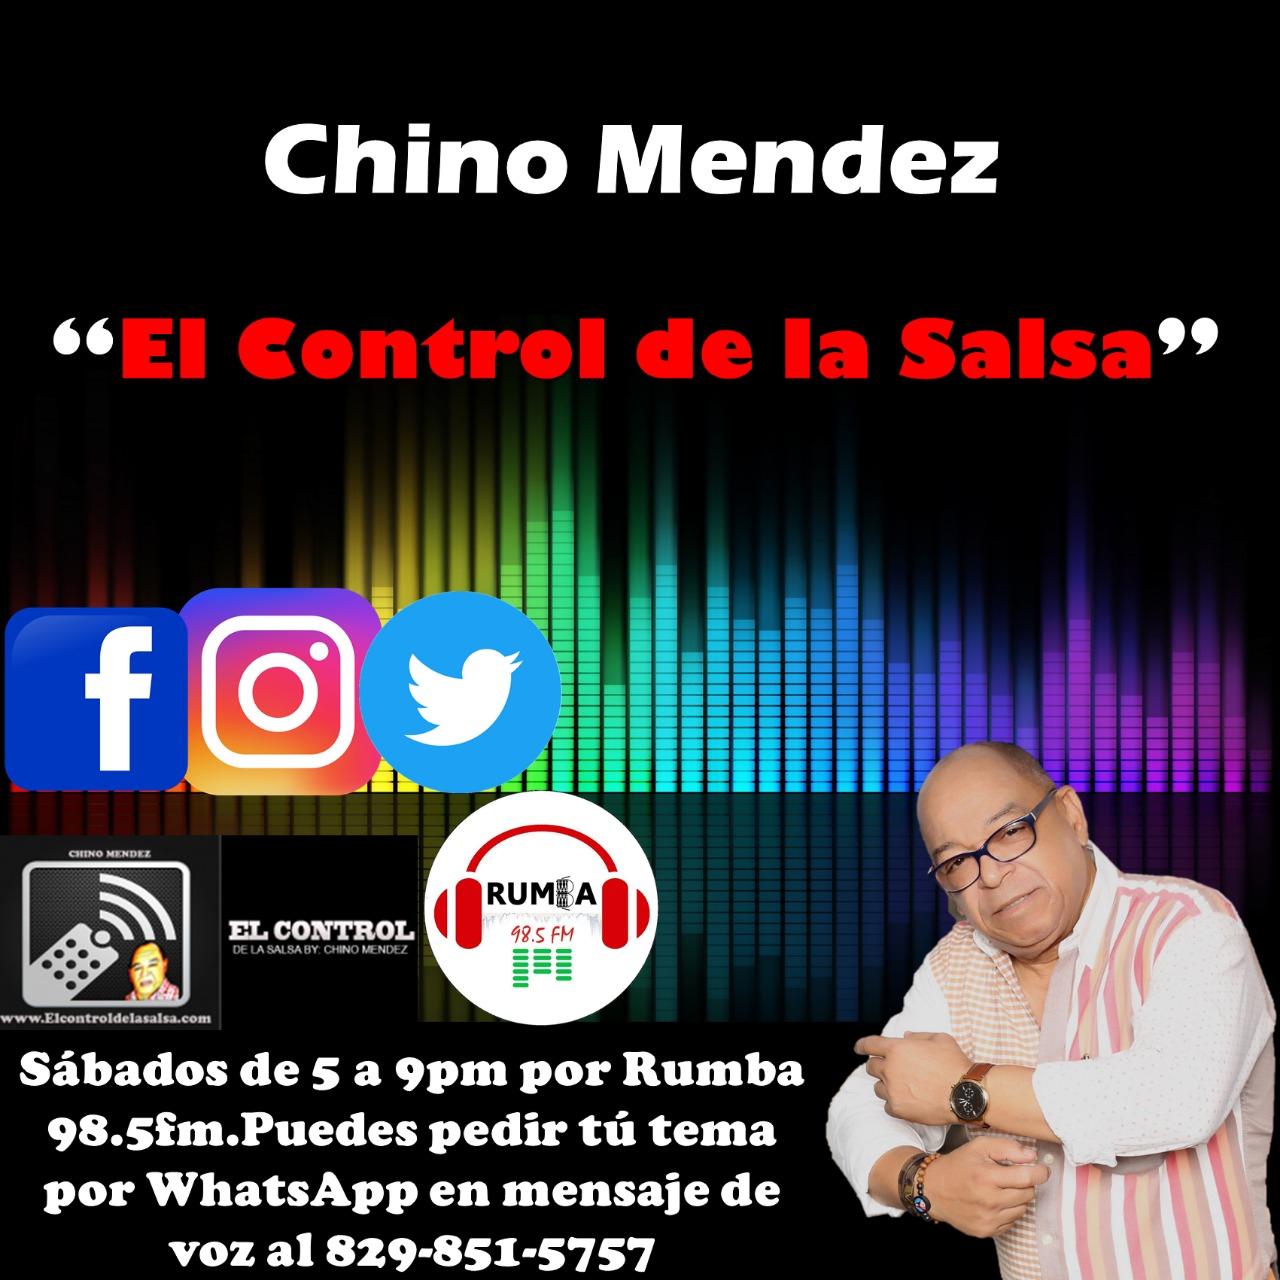 Chino Mendez